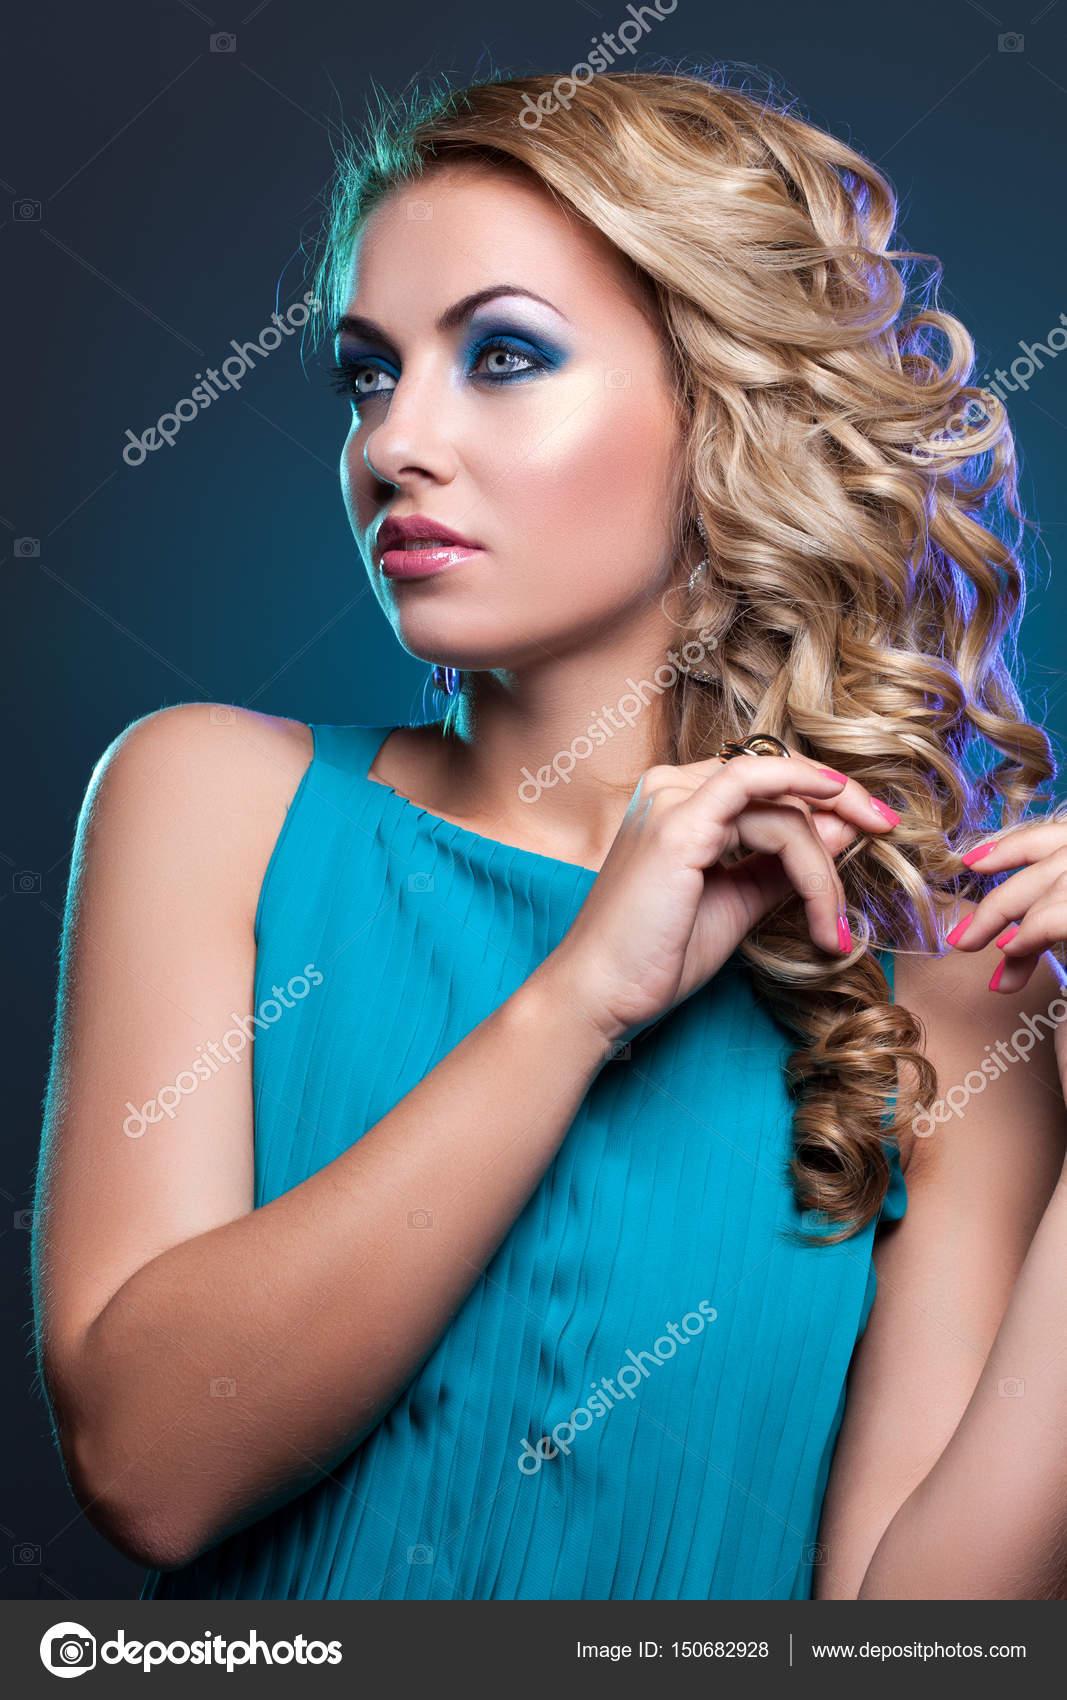 Vestido Turquesa Maquillaje Hermosa Chica En Vestido Azul